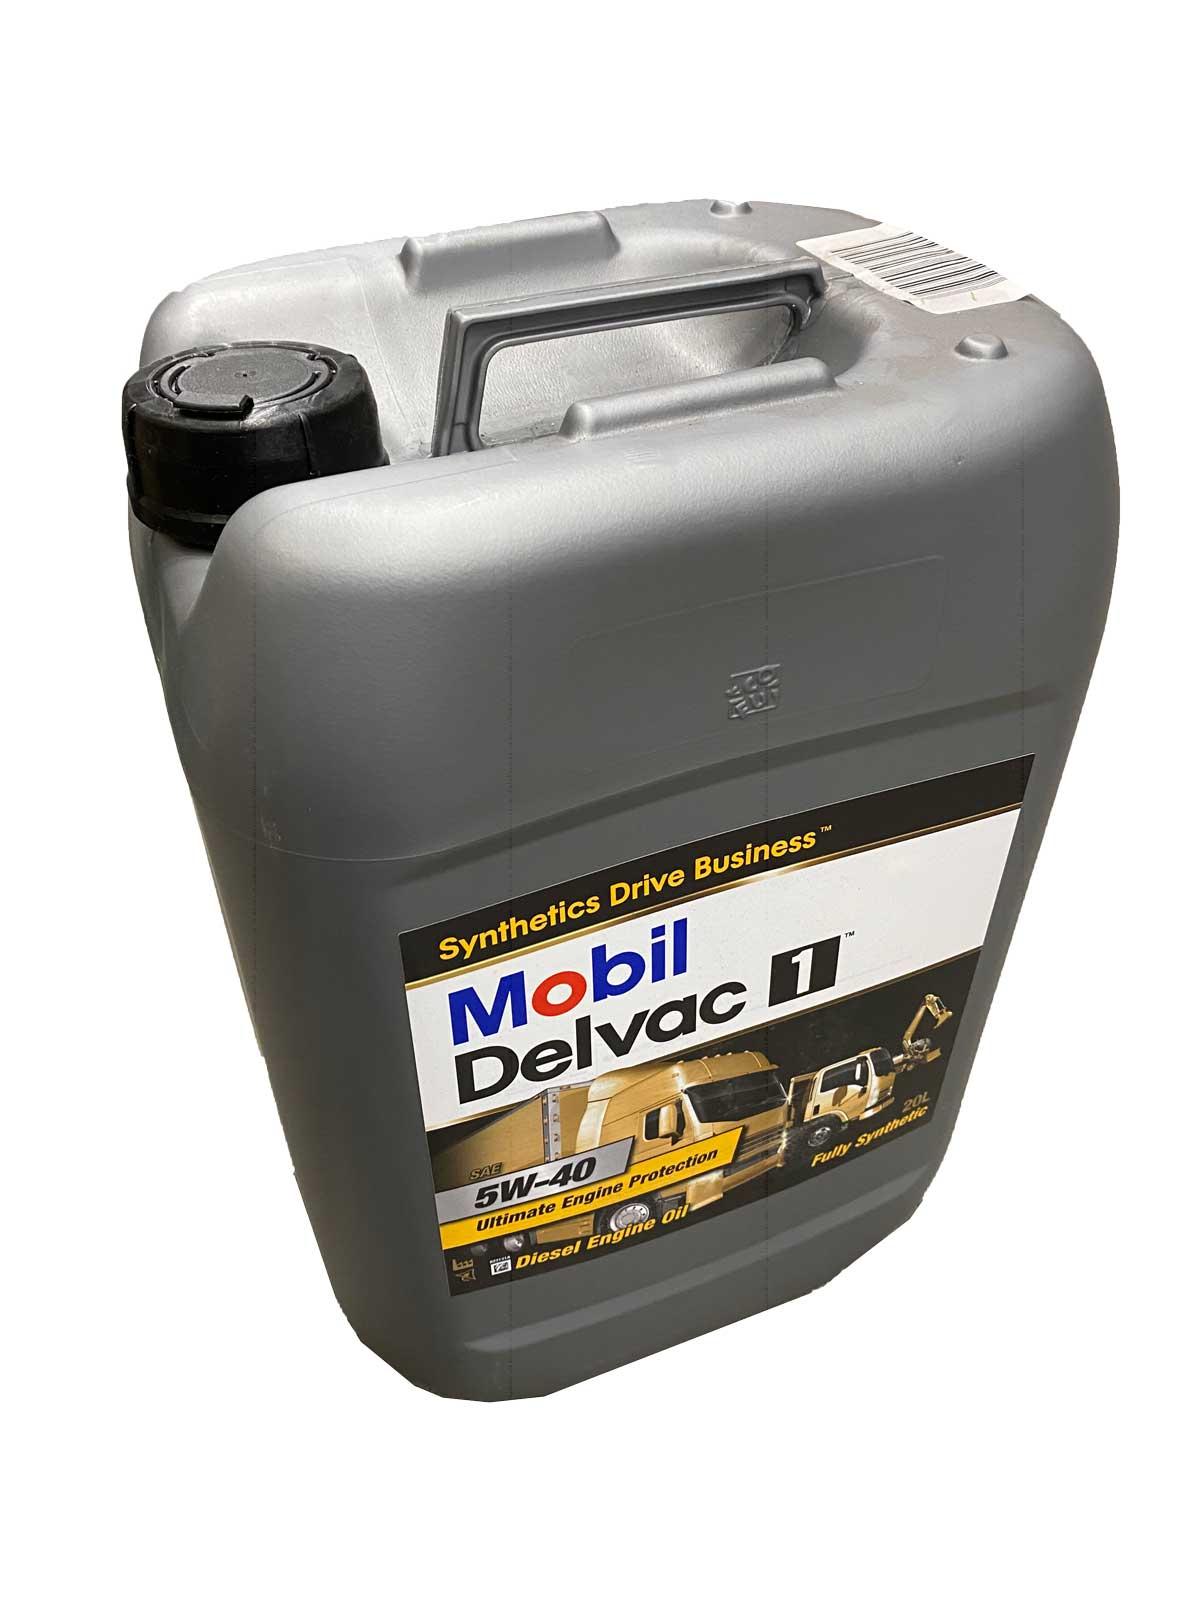 Mobil Delvac 1 5W-40 Getriebeöl 20l